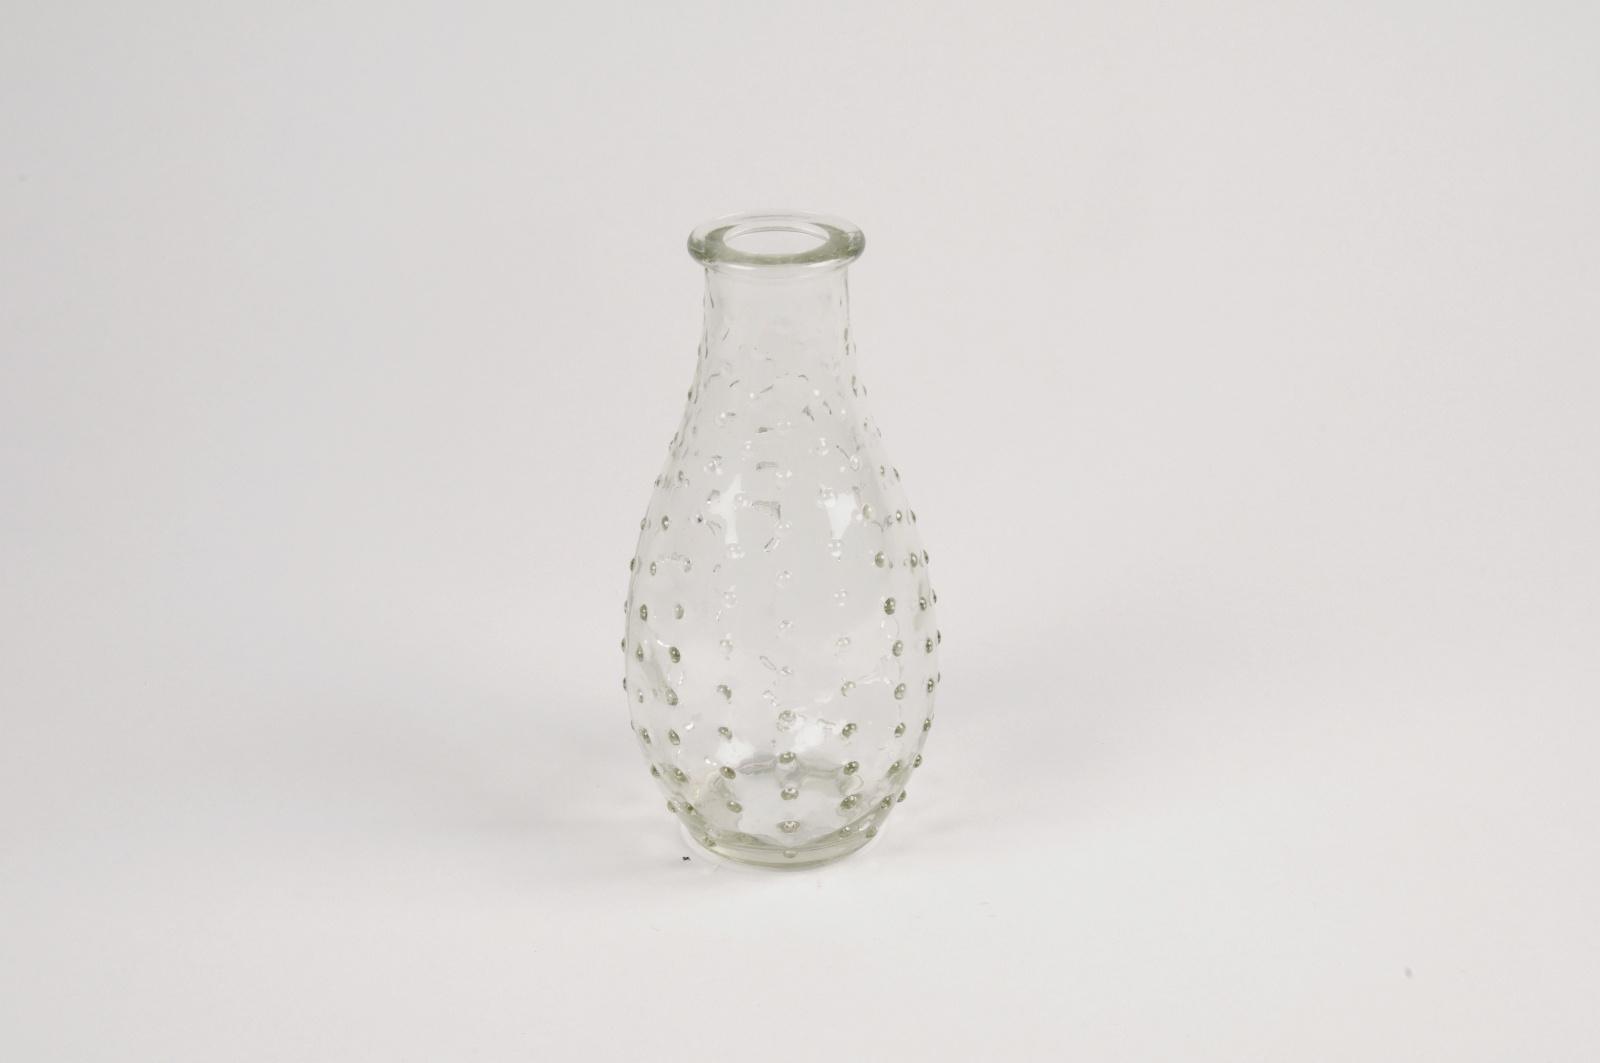 A074R4 Vase en verre obus D7cm H14cm